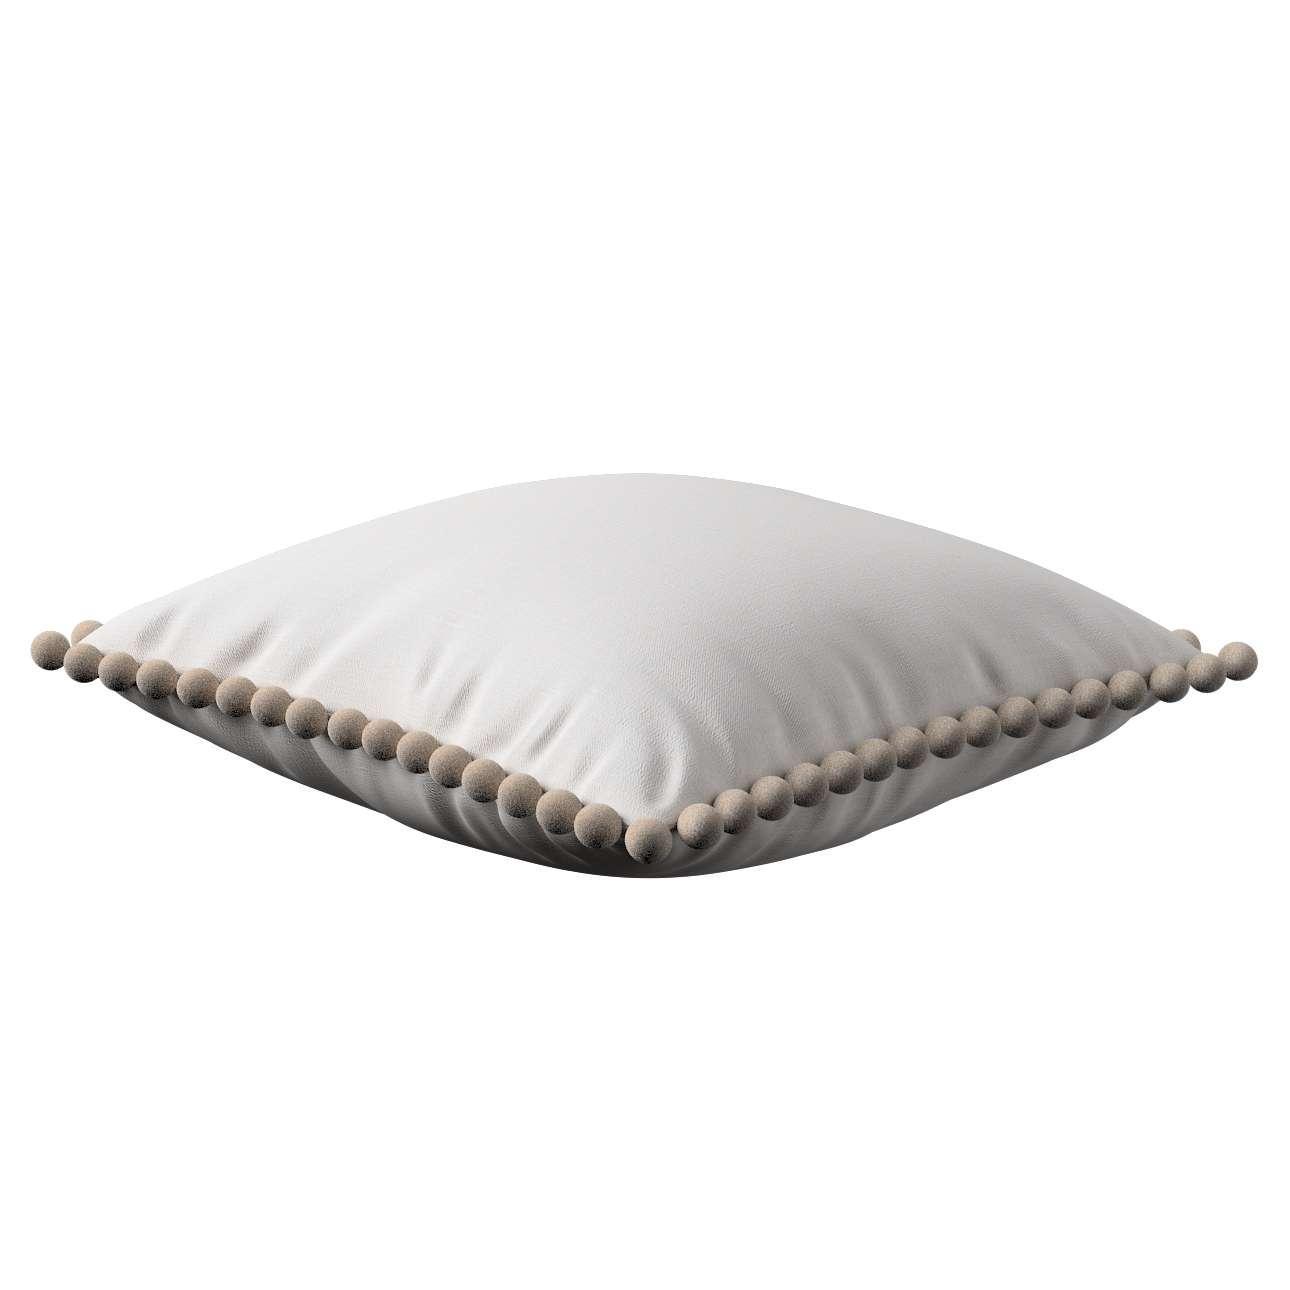 Wera dekoratyvinės pagalvėlės užvalkalas su žaismingais kraštais 45 x 45 cm kolekcijoje Linen , audinys: 392-04